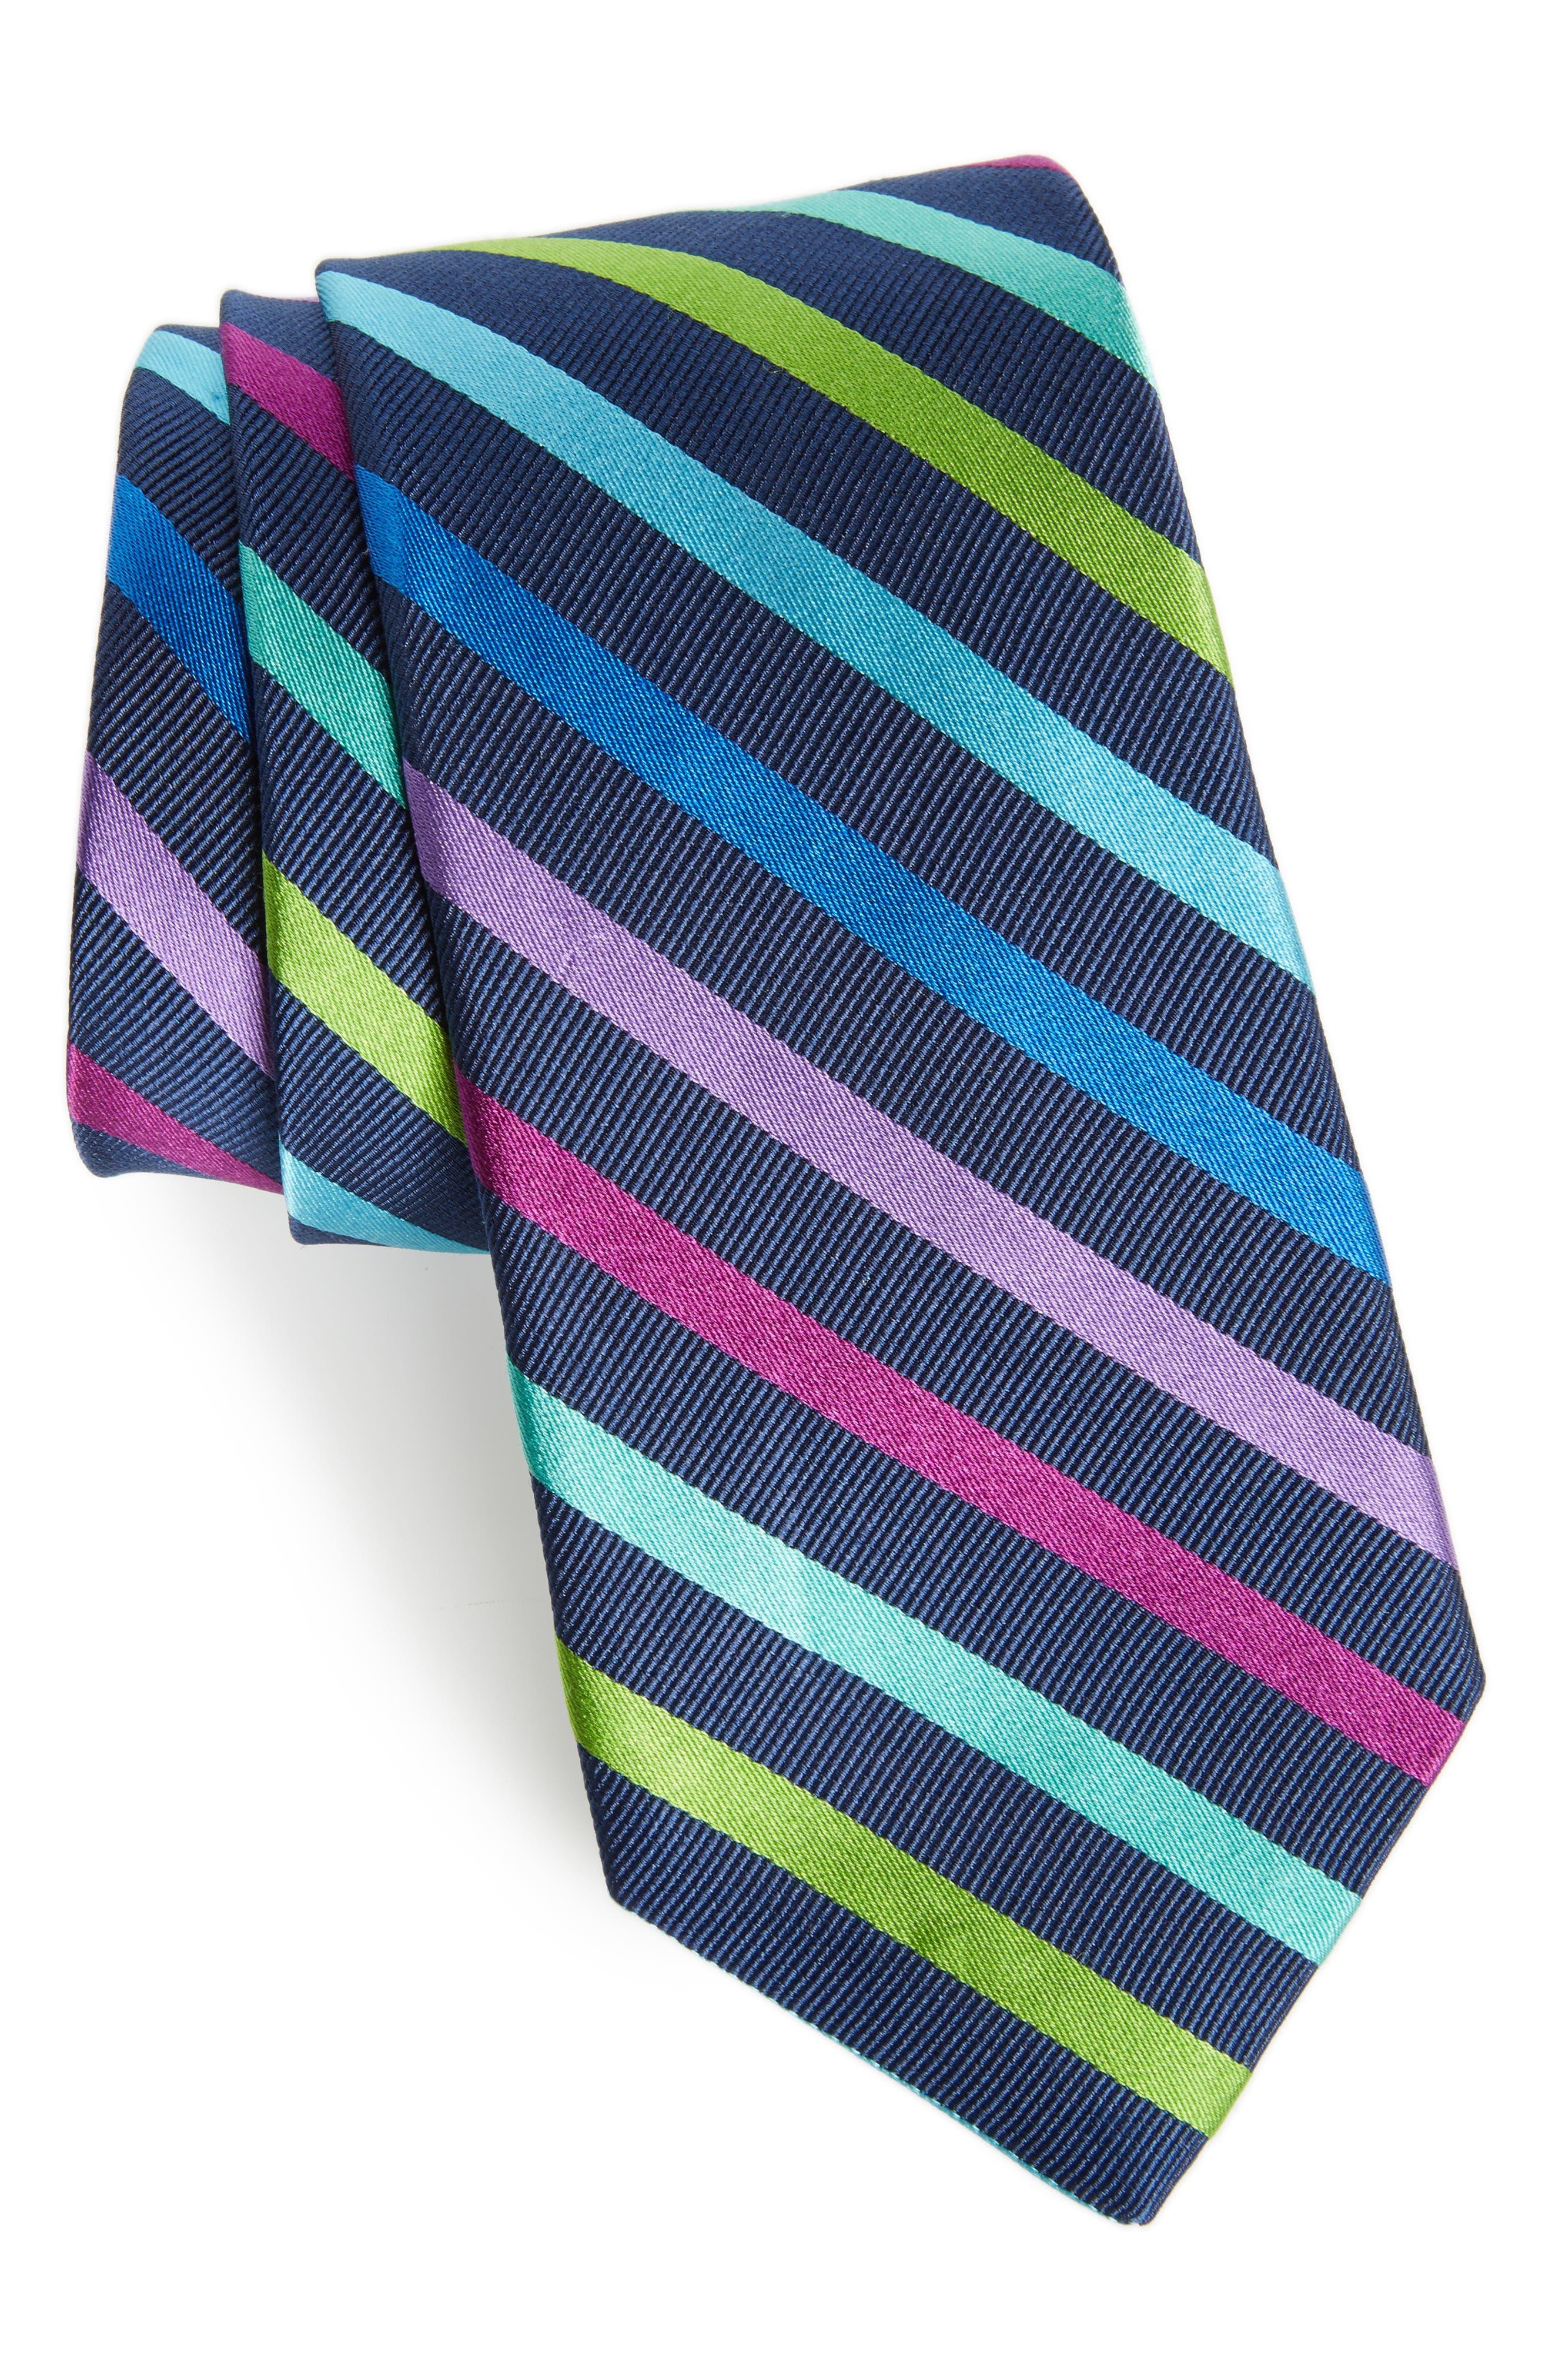 Alternate Image 1 Selected - Nordstrom Men's Shop Simi Stripe Silk Tie